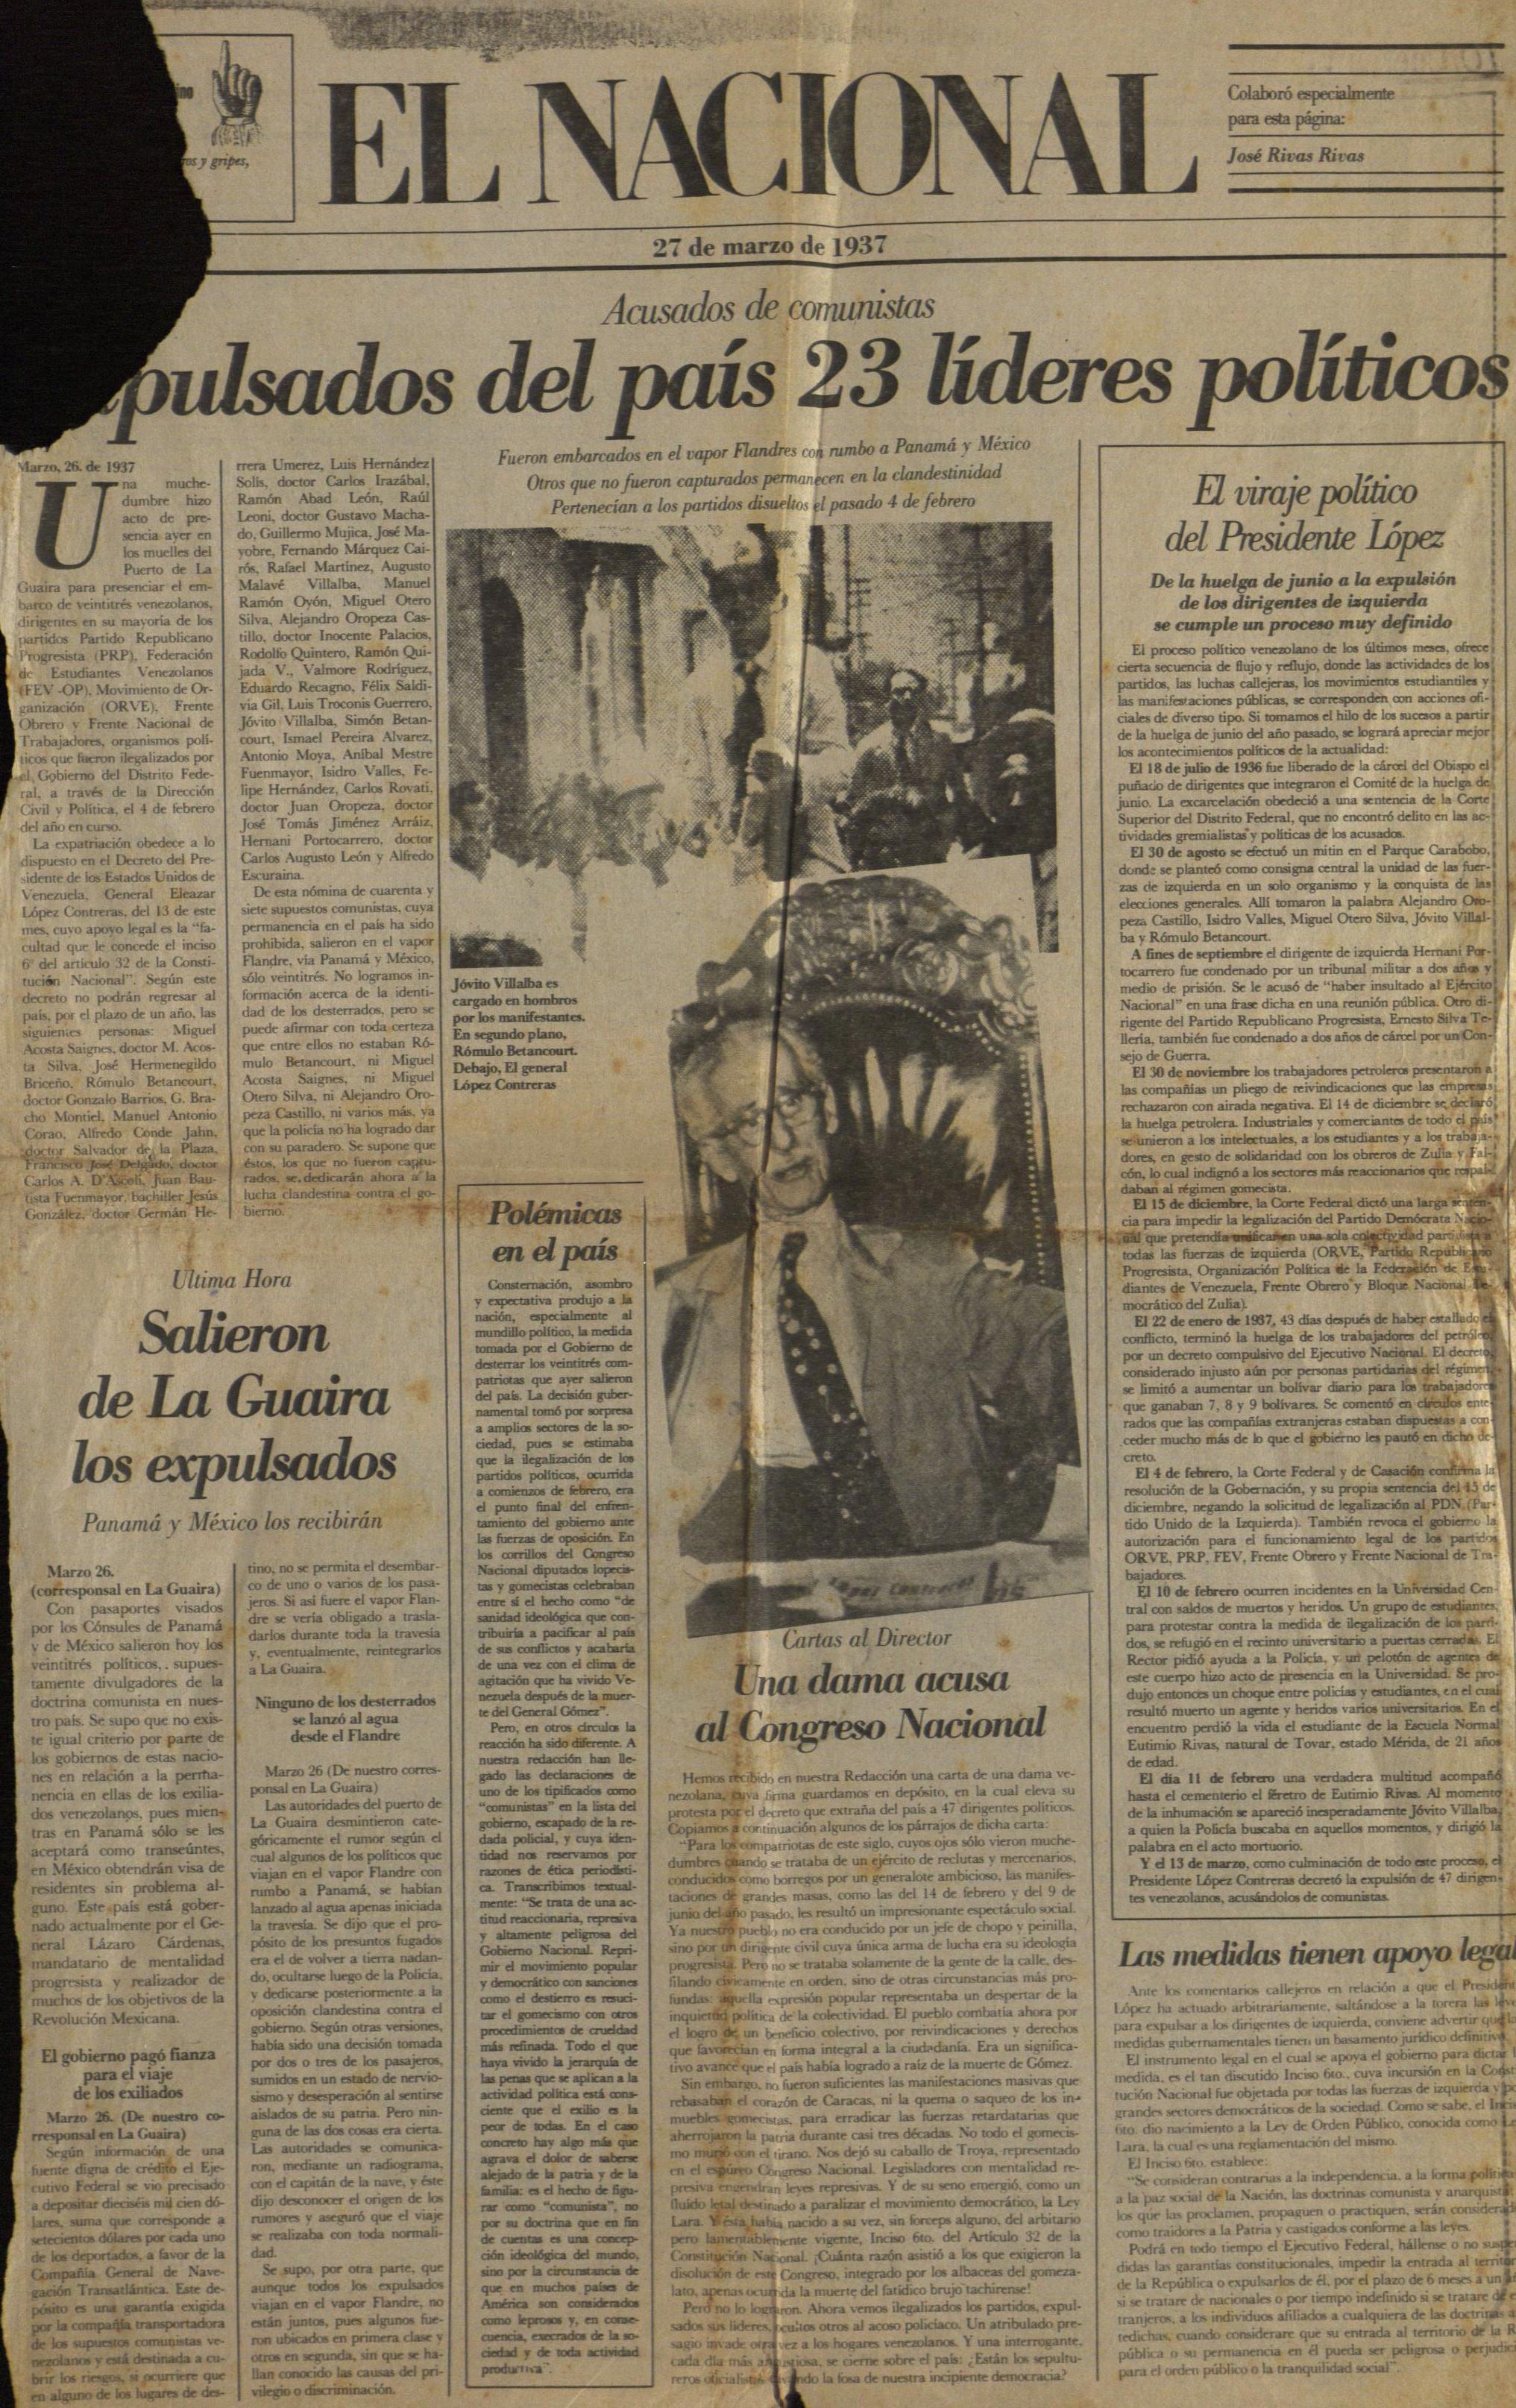 Archivo El Nacional 27 De Marzo De 1937 Jpg La Venciclopedia